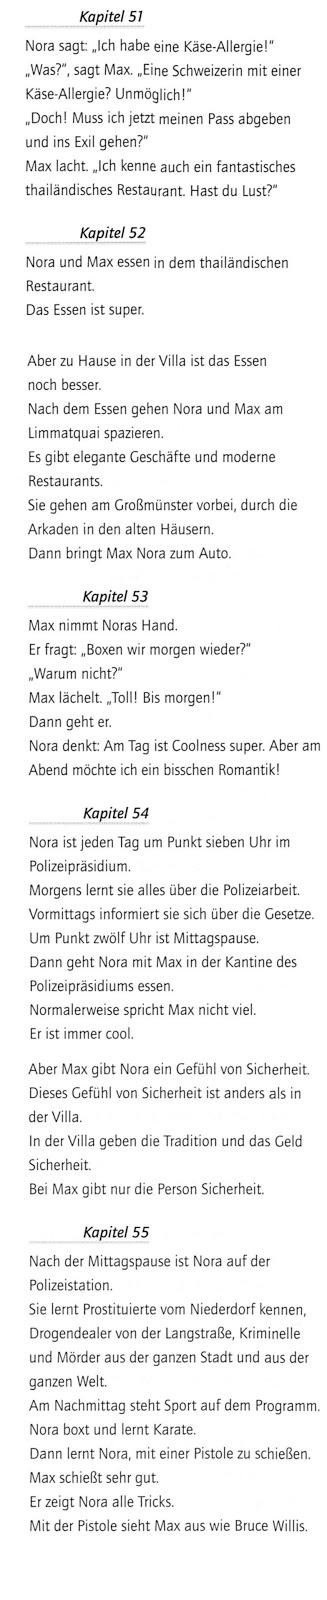 learngermanvn, learn german vn, Nora, Zürich Niveau A1, A2